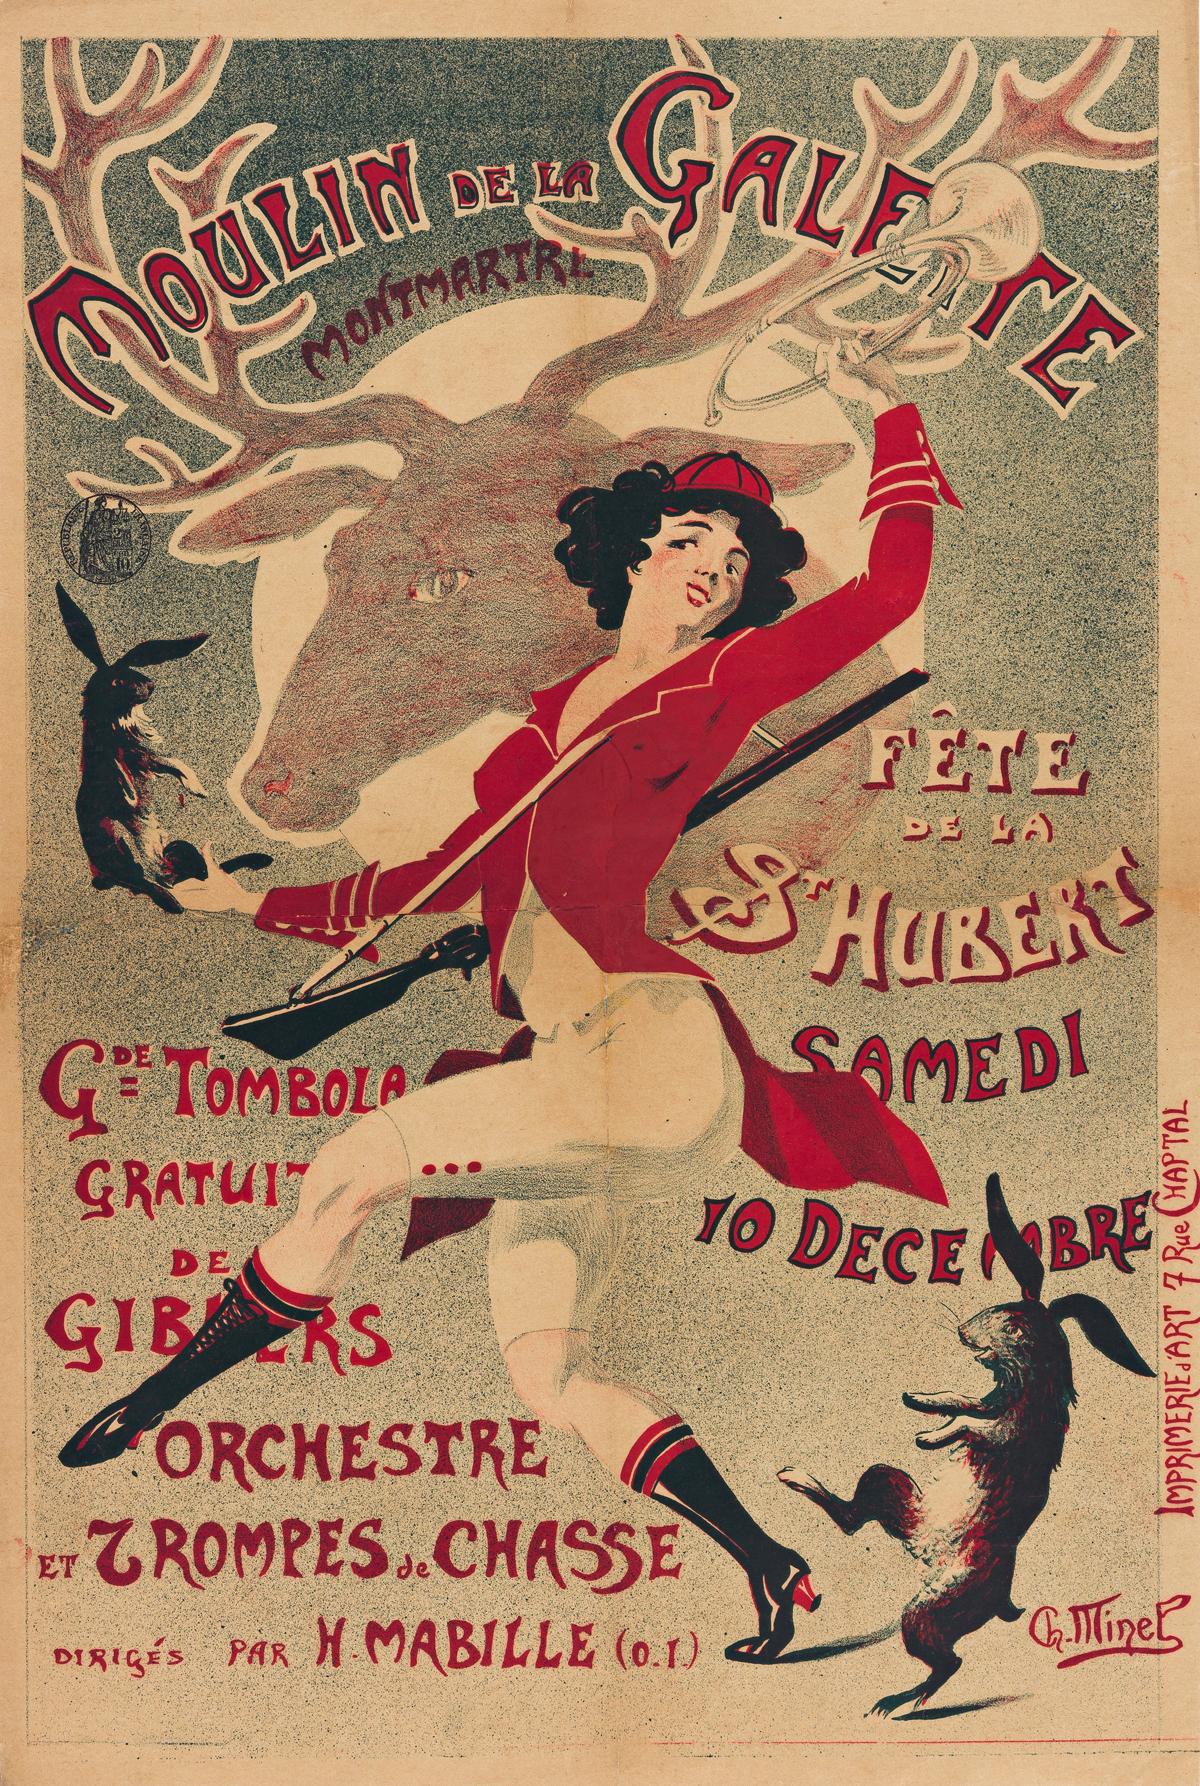 CH. MINEL (DATES UNKNOWN).  MOULIN DE LA GALETTE. Circa 1900. 22x15 inches, 57x38 cm. Imprimerie dArt, Paris.